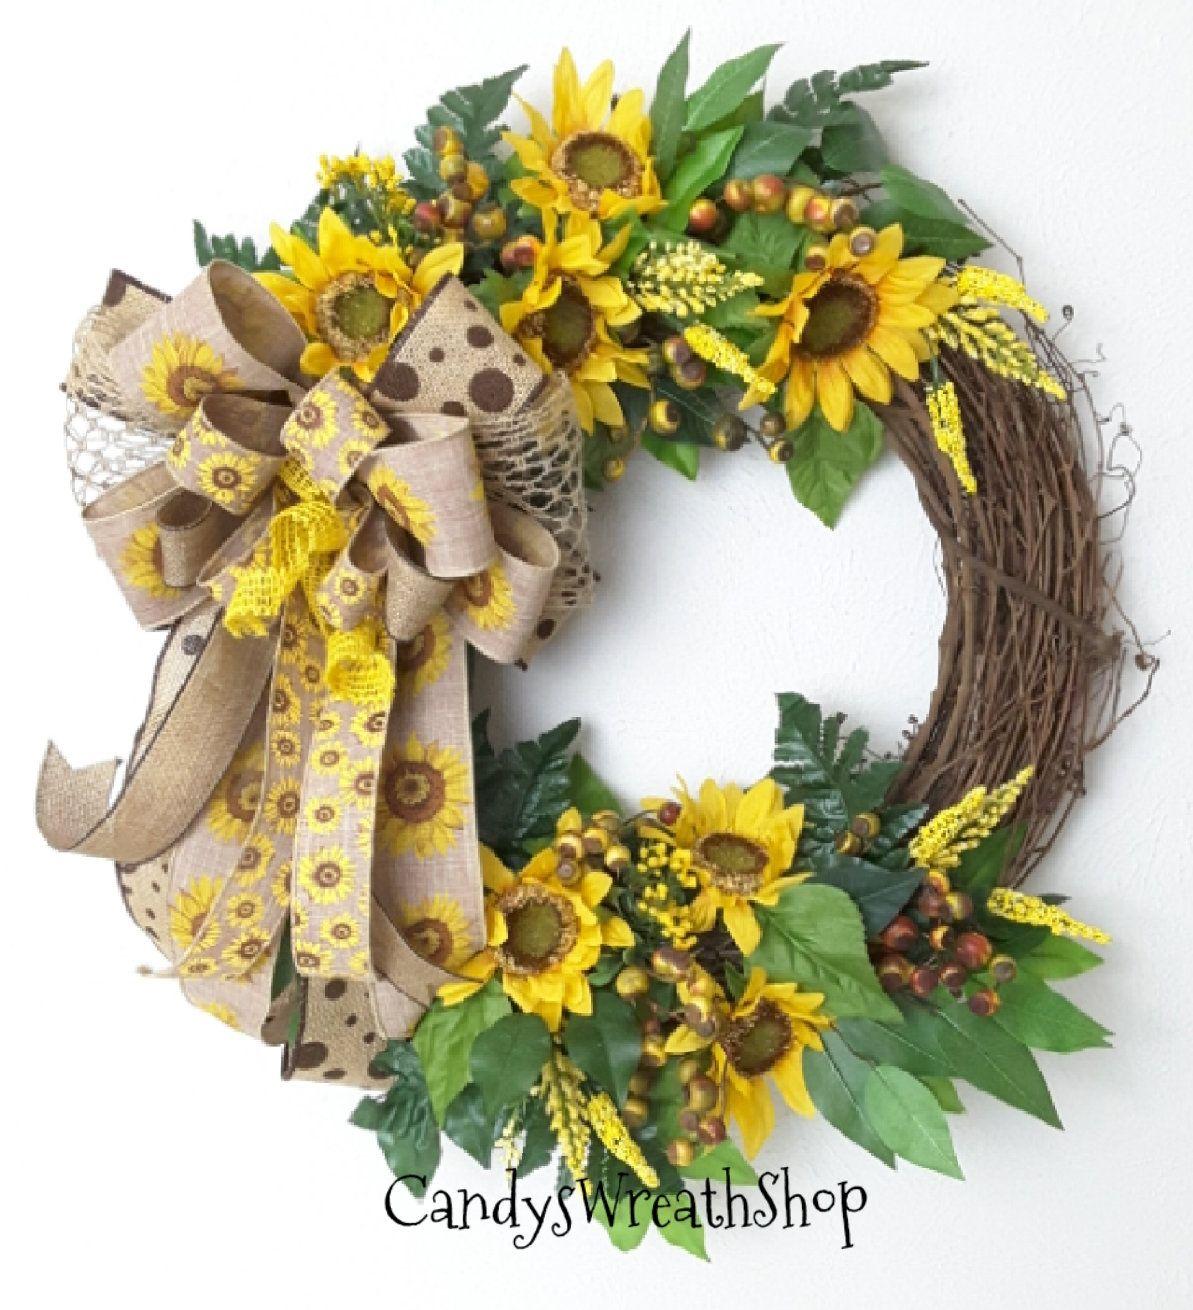 Photo of Sonnenblumen-Weinkranz, Sommersonnenblumenkranz, Blumenrebe, Bauernhaus, Sackleinen, Weinkranz, Willkommenskranz, Alltagskranz